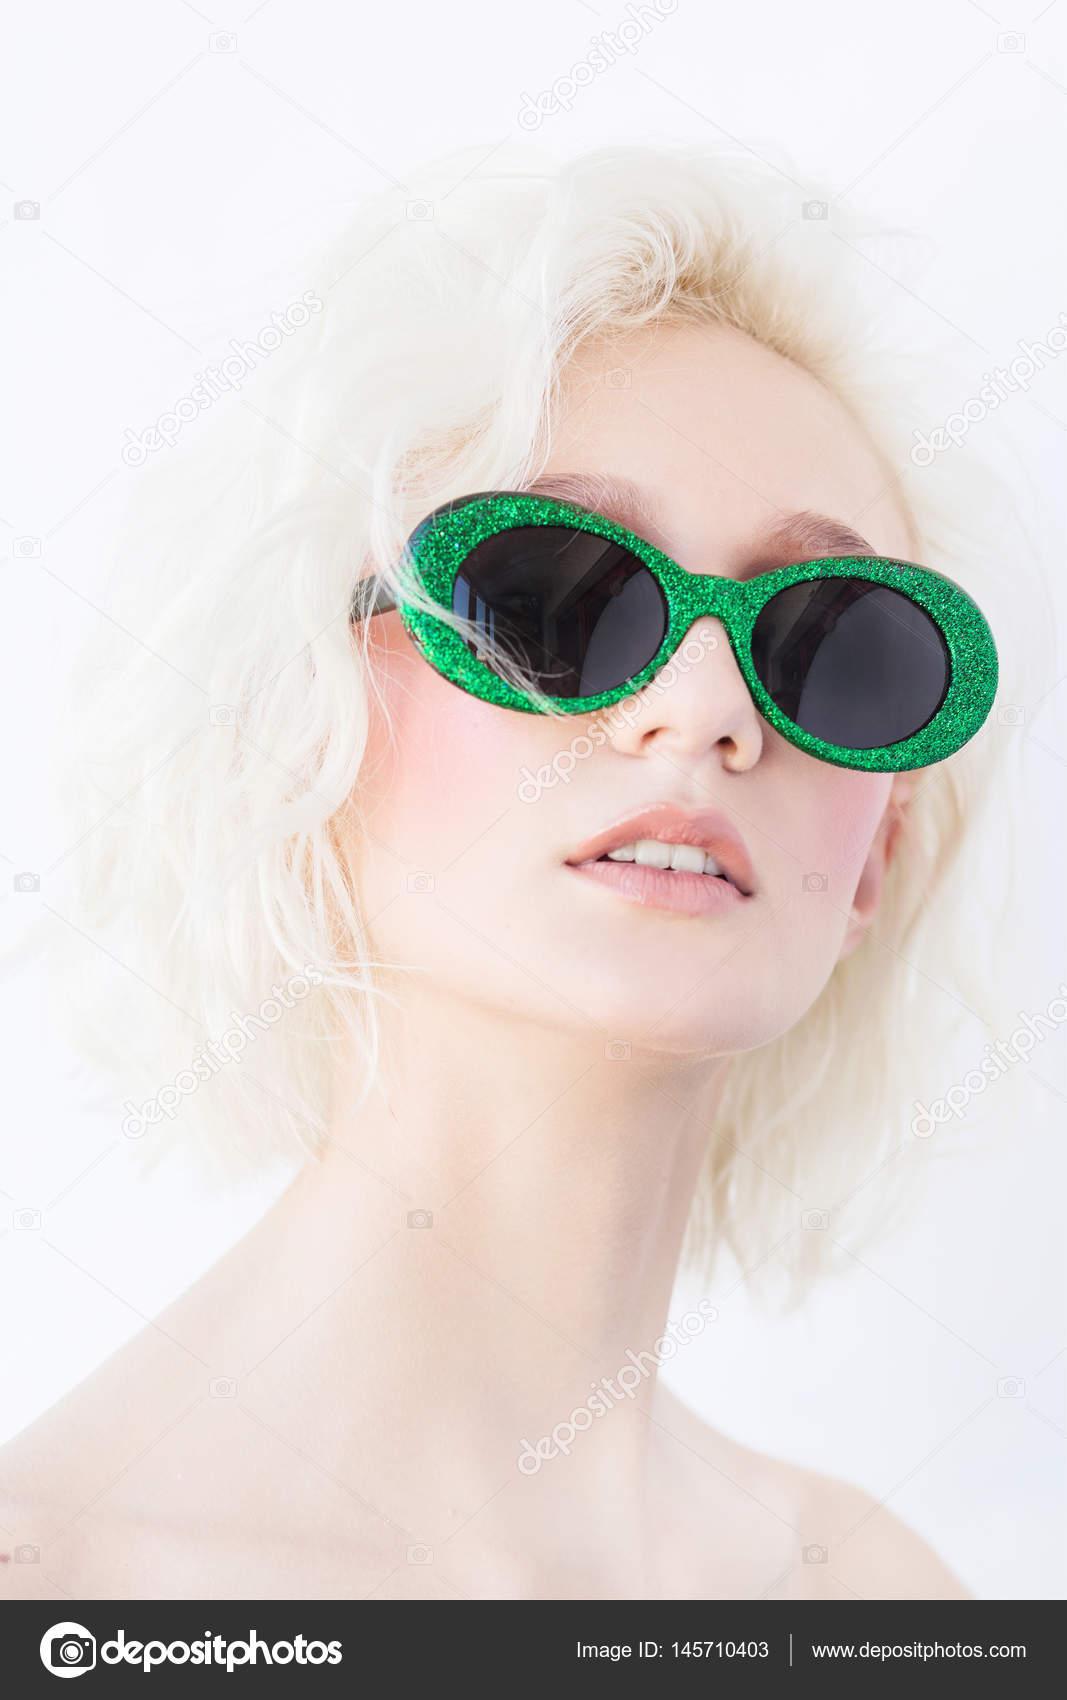 5fc60fe64dd96 Retrato de glamour de uma mulher loira com cabelo curto e ondulado em óculos  de sol verdes — Fotografia por Avdeyukphoto